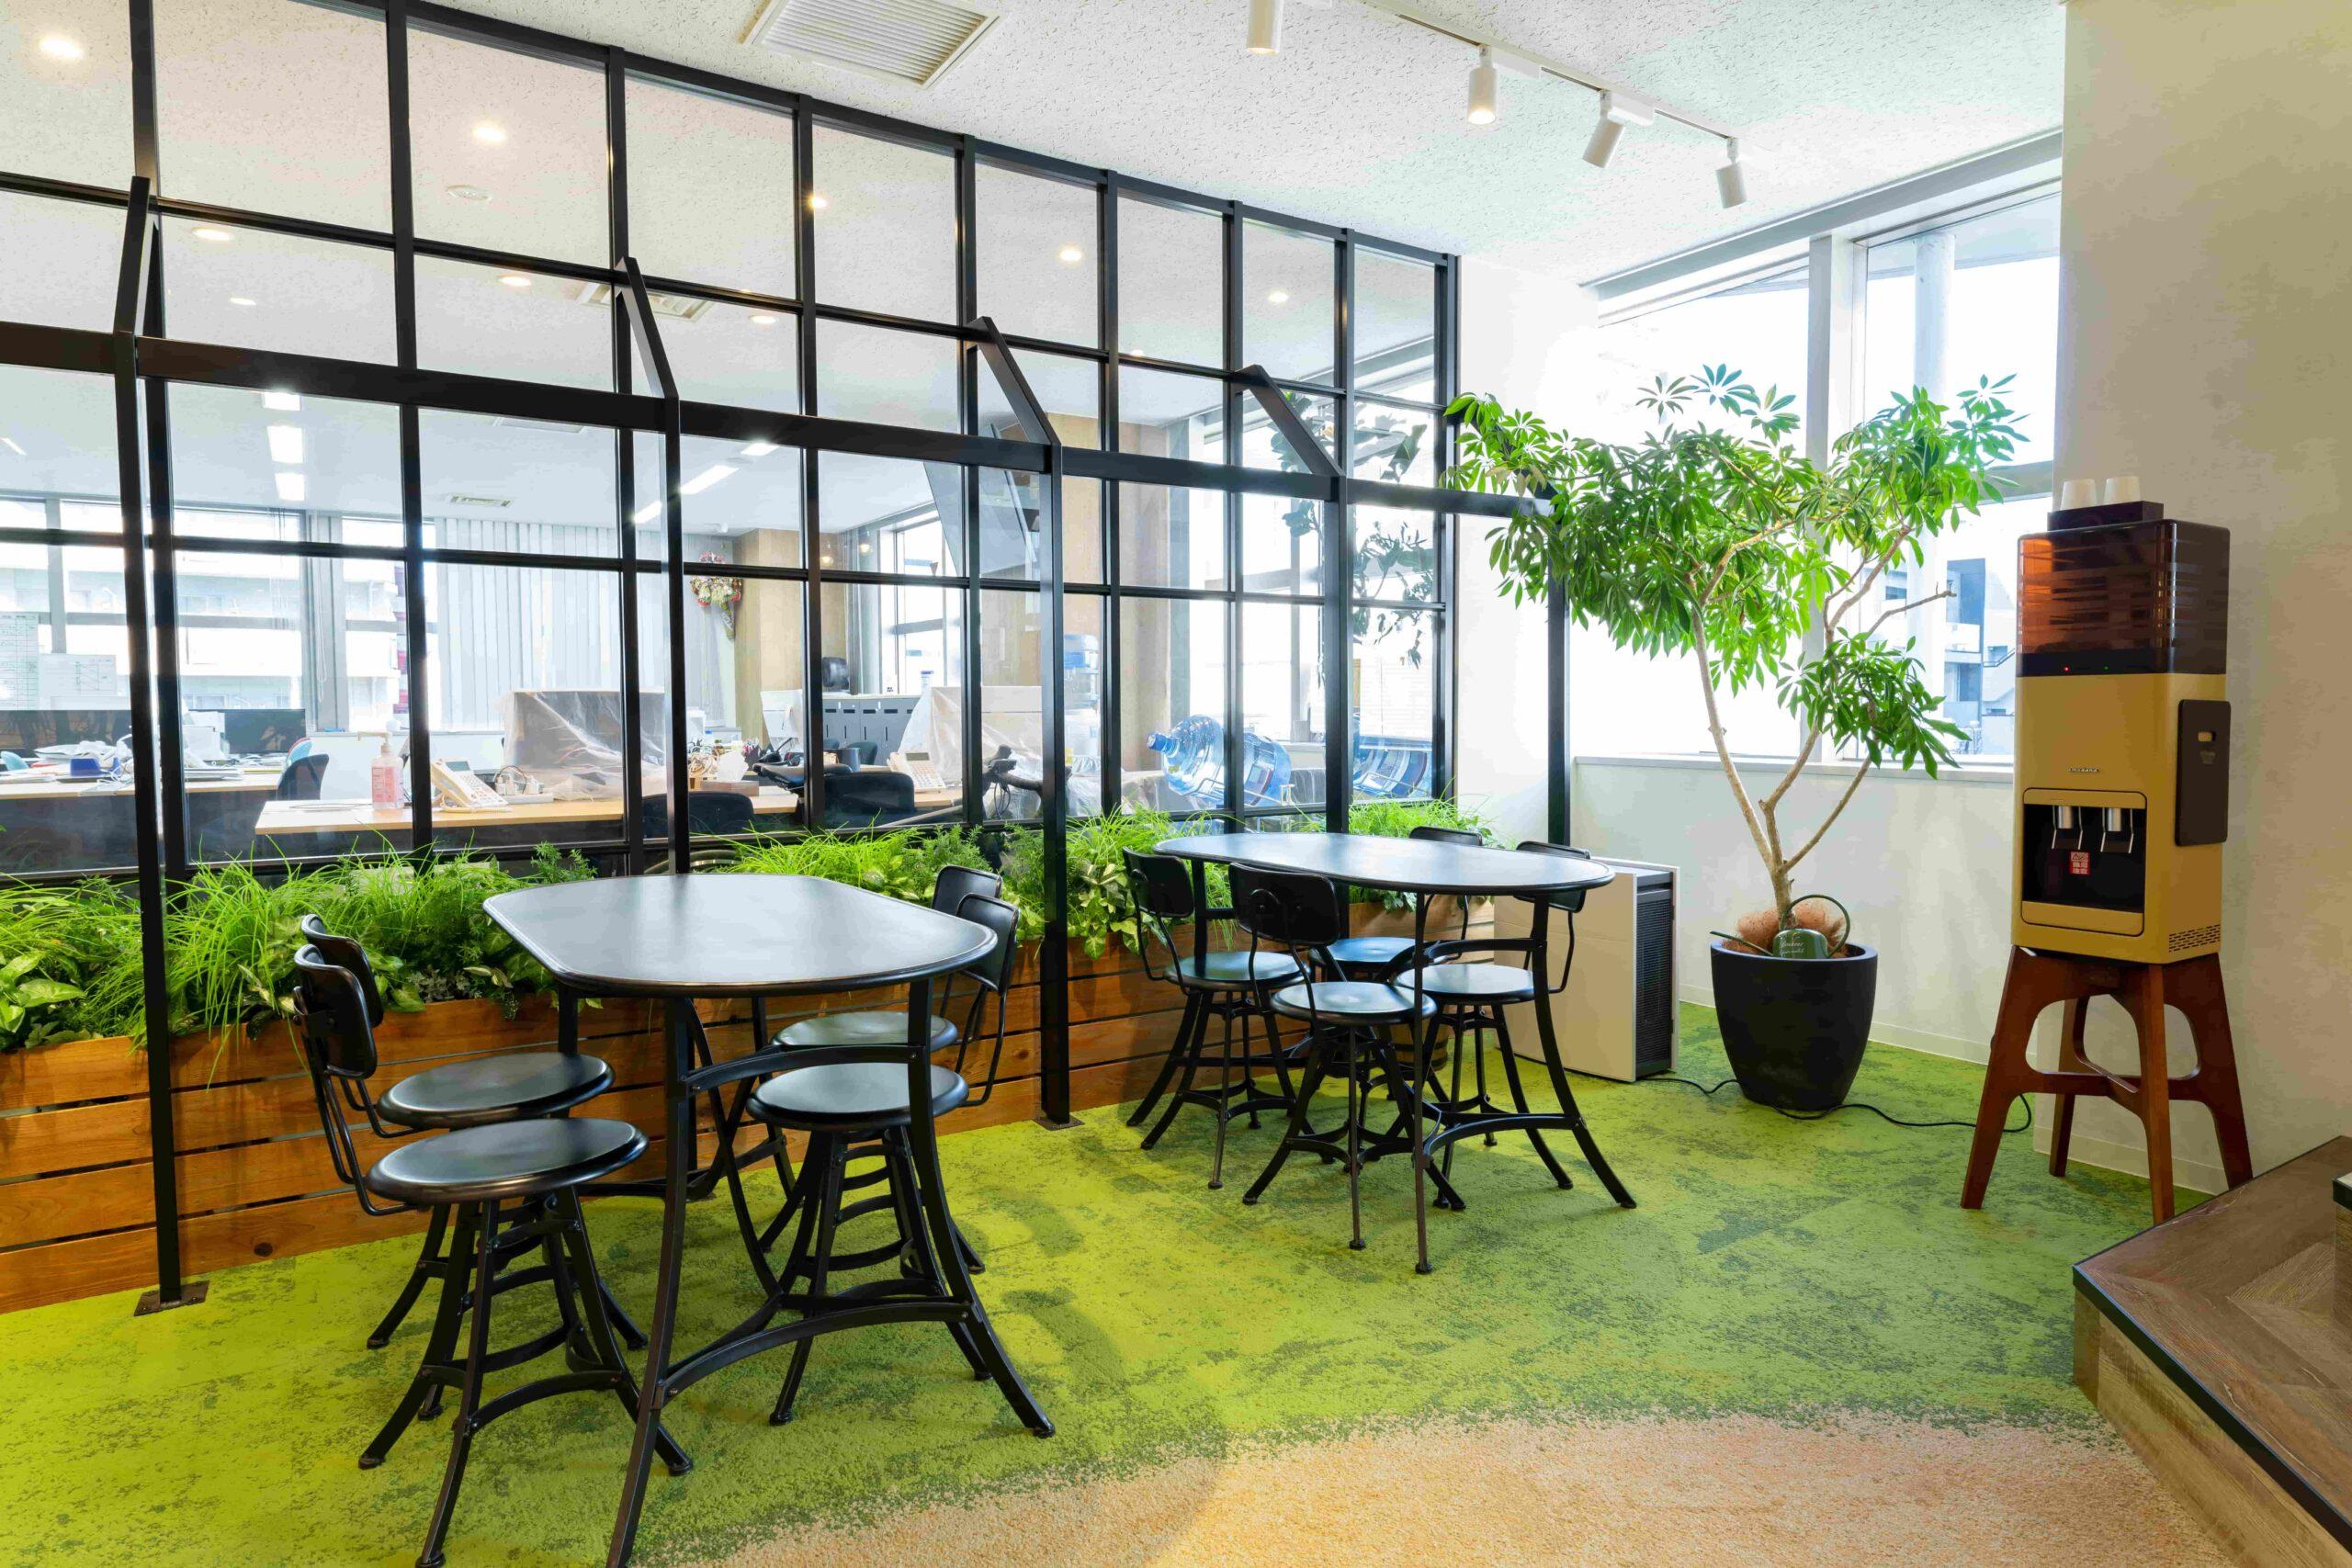 オフィスにコンセプトを盛り込む方法②エントランスのデザイン